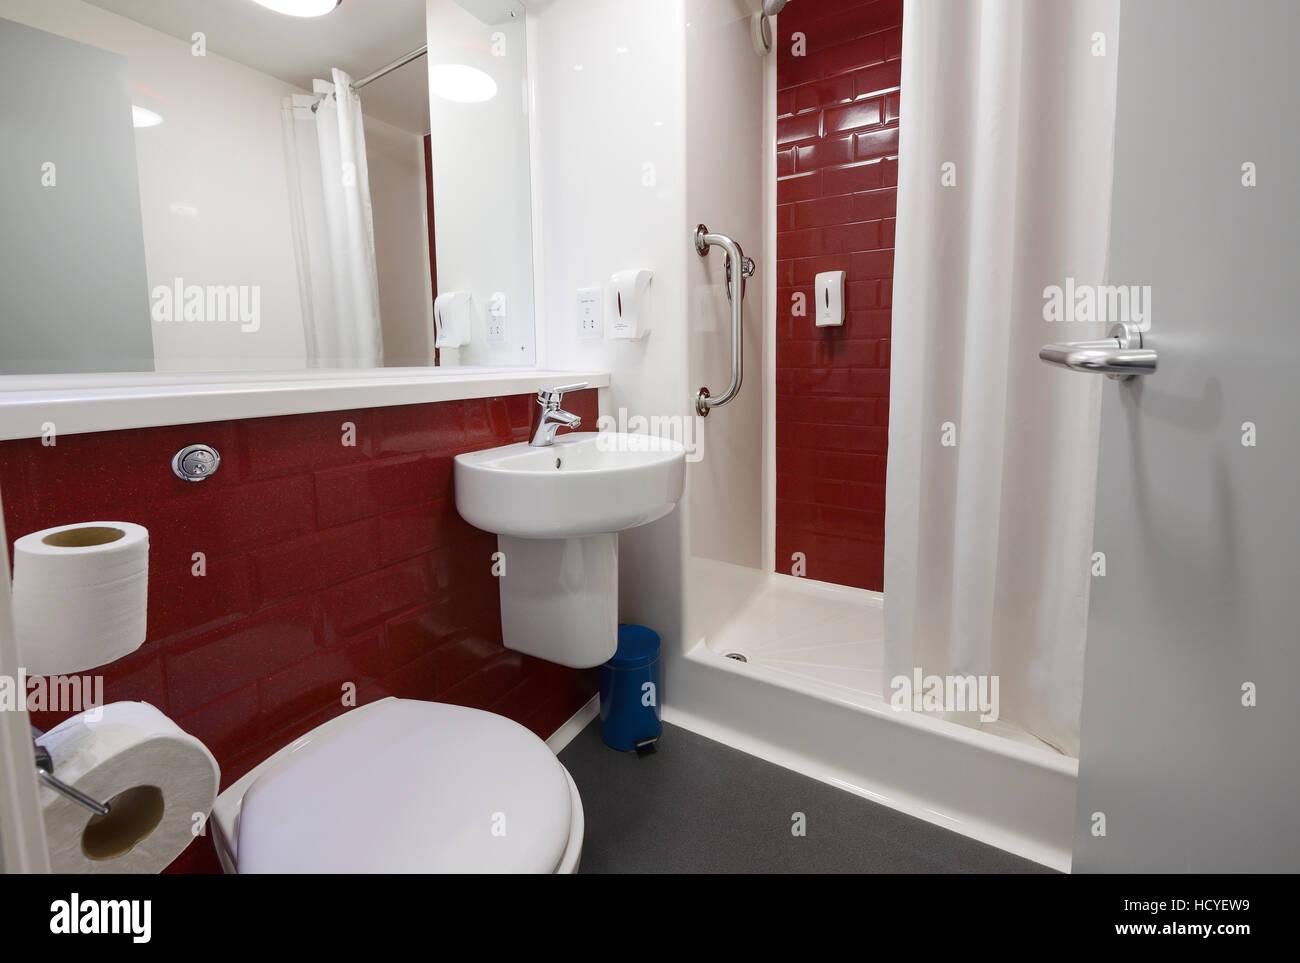 El cuarto de baño de un hotel de cadena de presupuesto Foto & Imagen ...